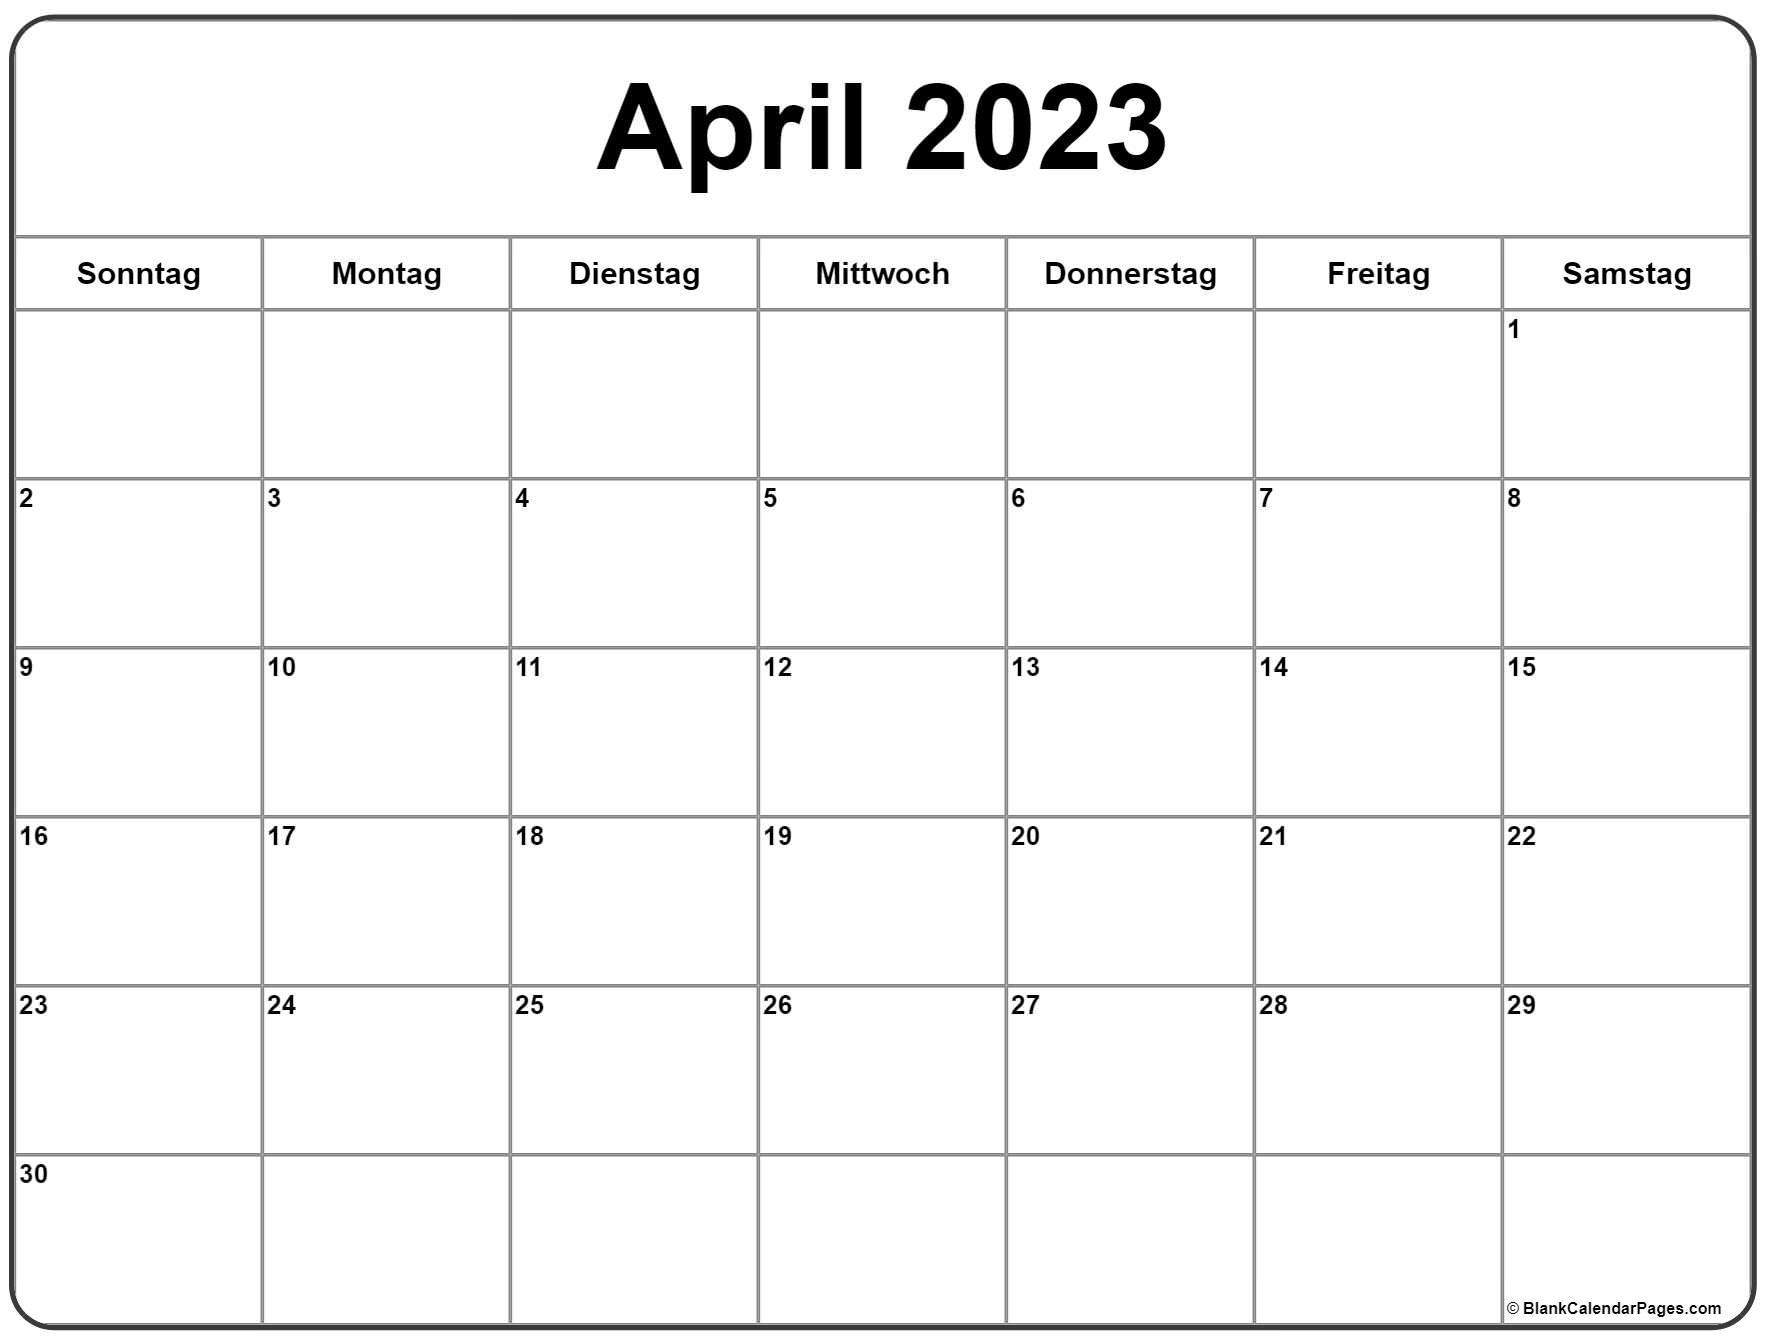 April 2023 kalender